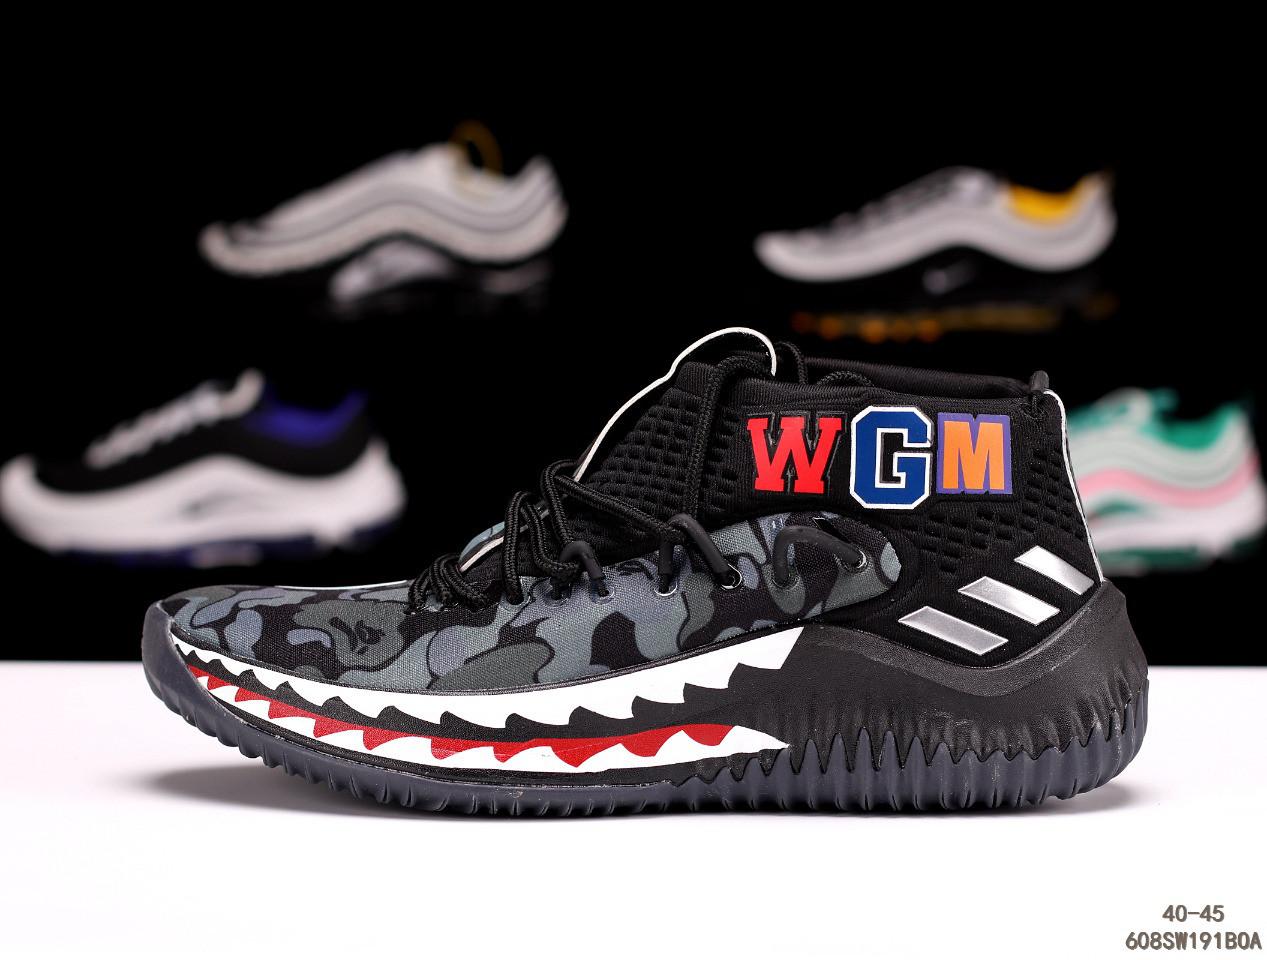 кроссовки Adidas Dame 4 X Bape адидас мужские женские 608sw191boa